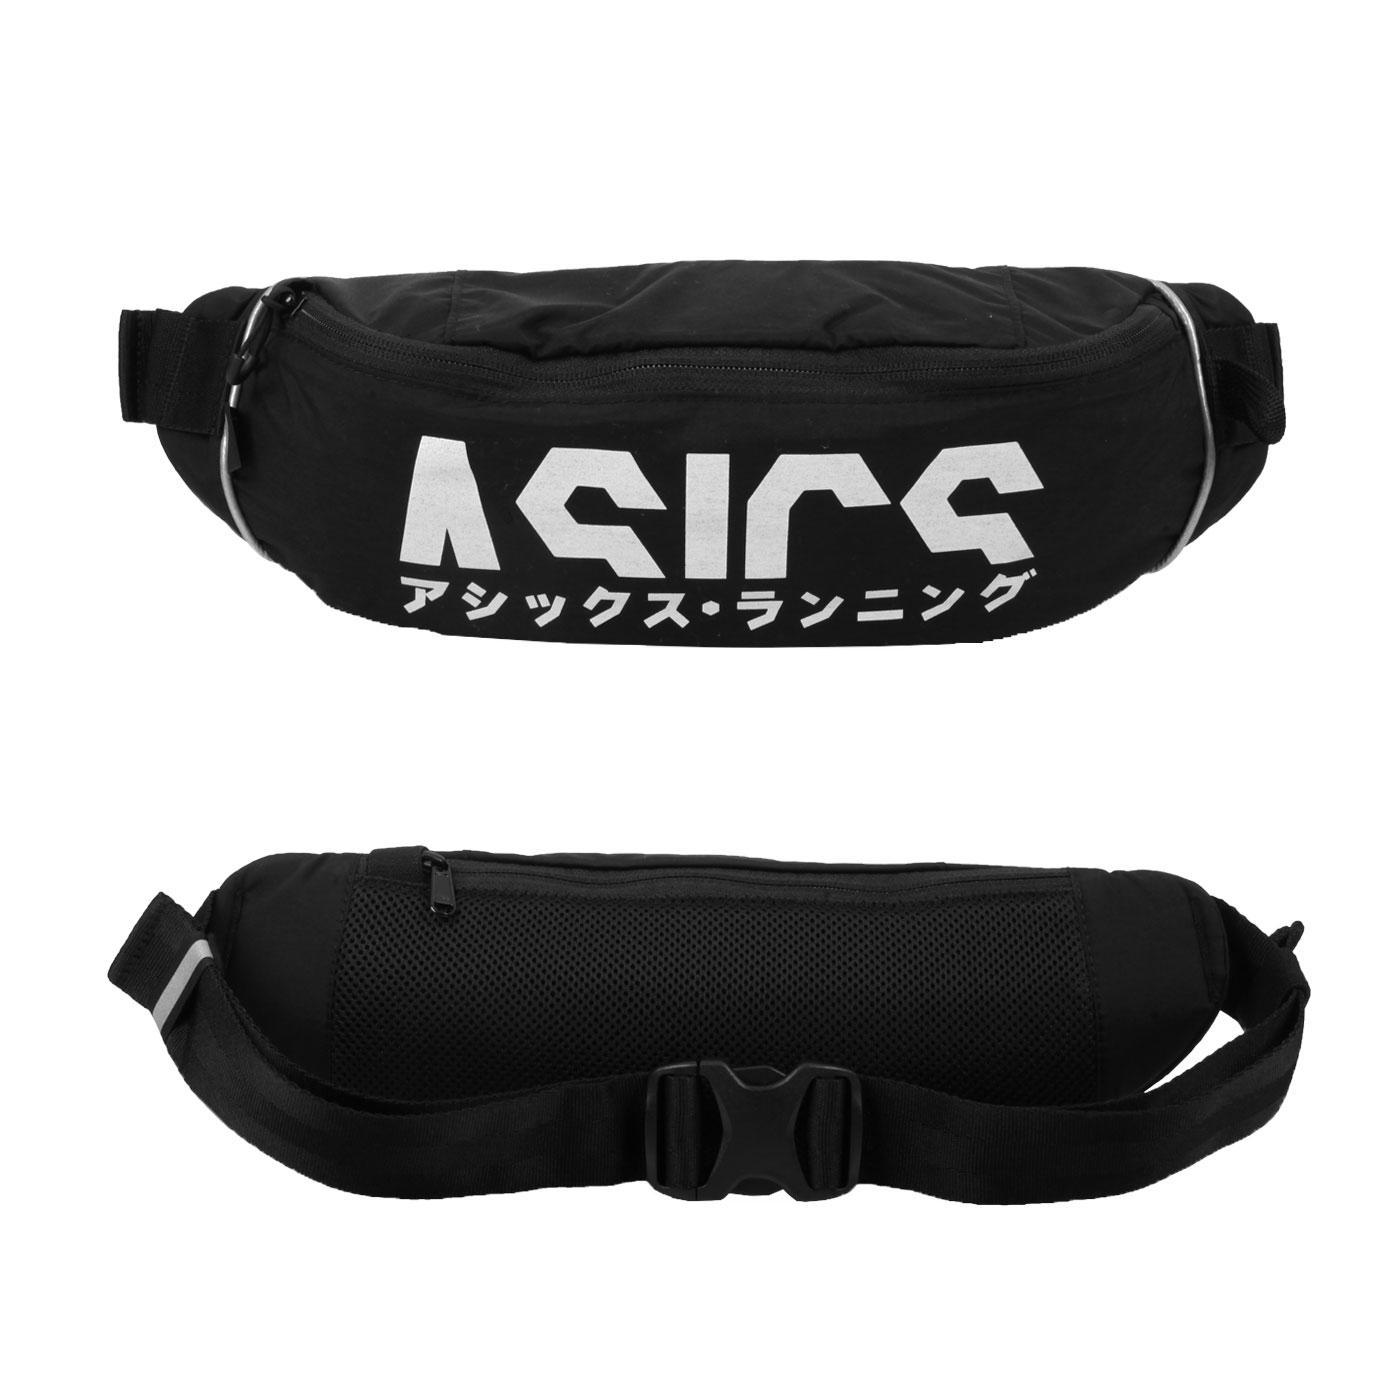 ASICS 片假名腰包 3013A428-001 - 黑銀